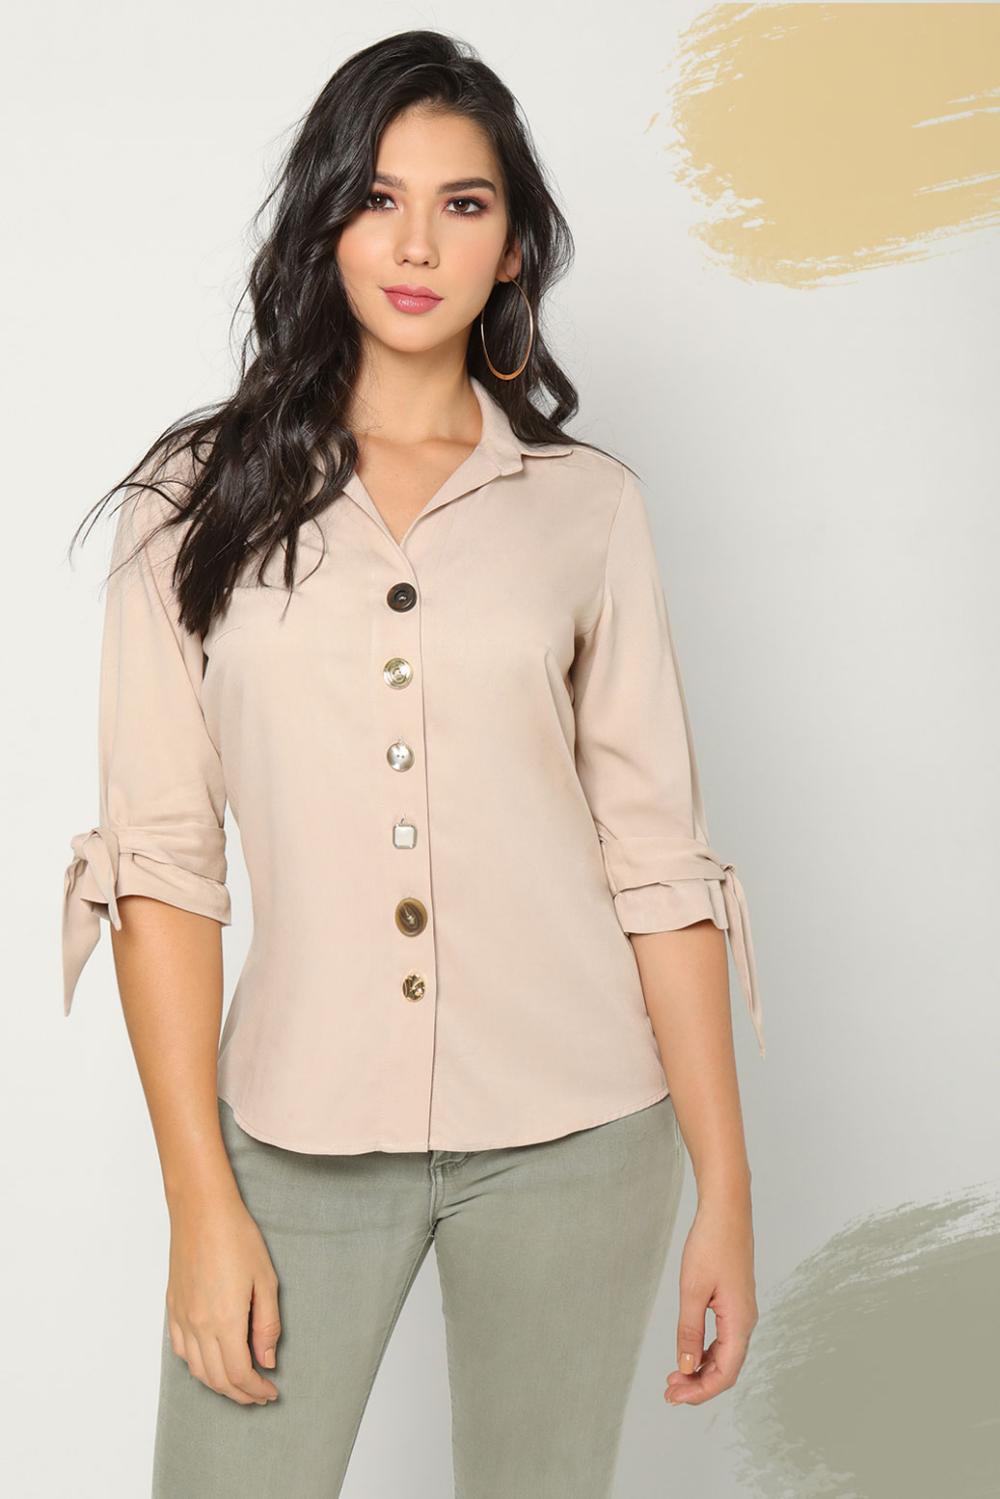 Camisa 3 4 Botones Colors Ropa Para Mujer Ropa Tiendas De Ropa Ropa Femenina